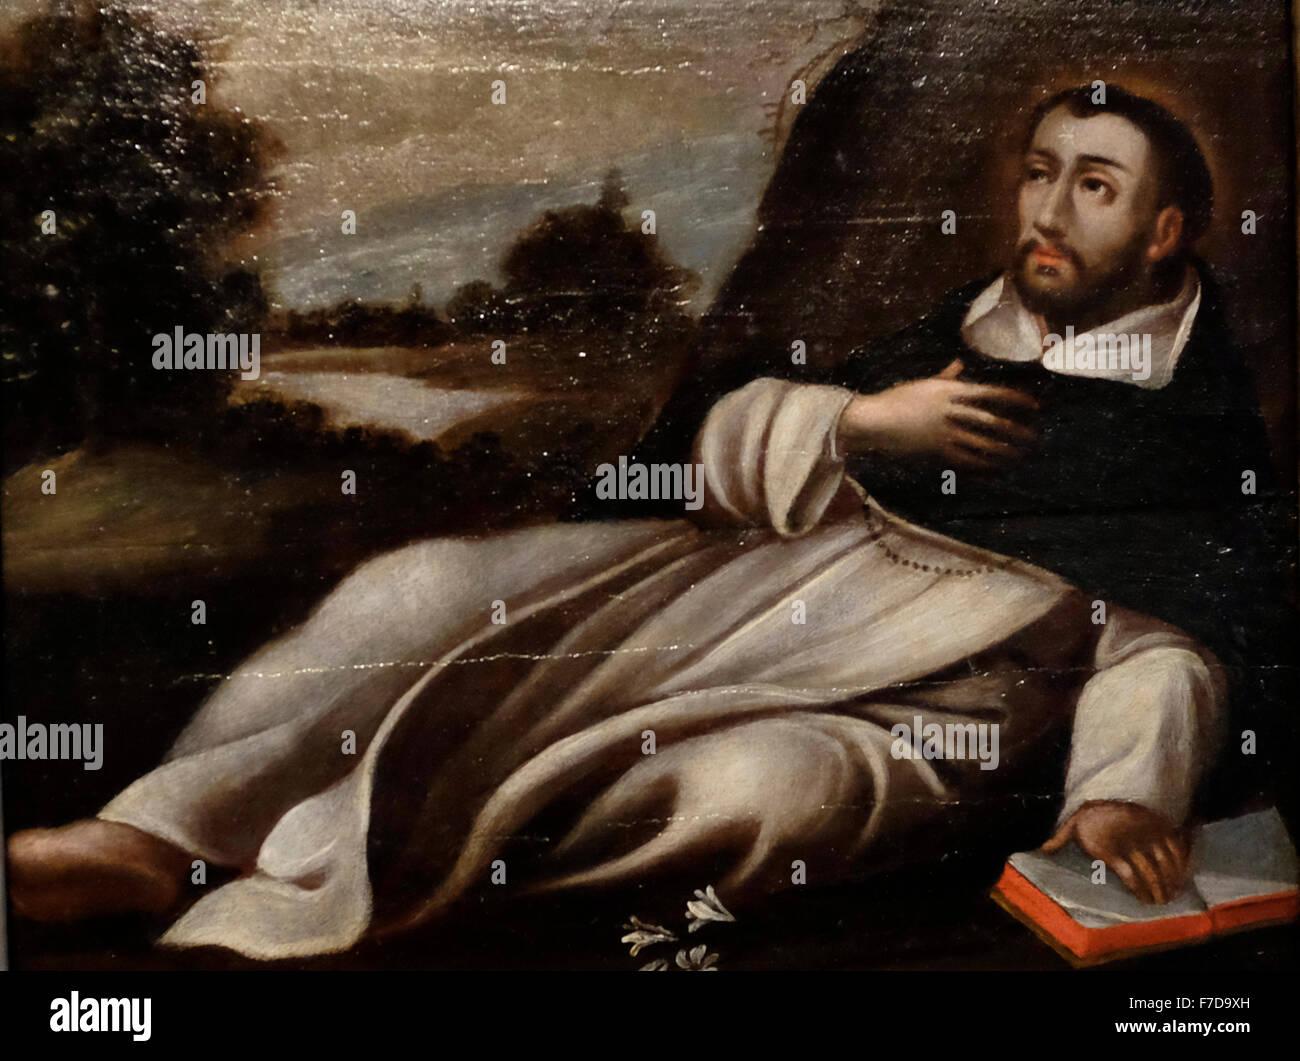 Death of Saint Dominic - Gregorio Vasquez de Arce y Ceballos - 1695 Columbia - Stock Image